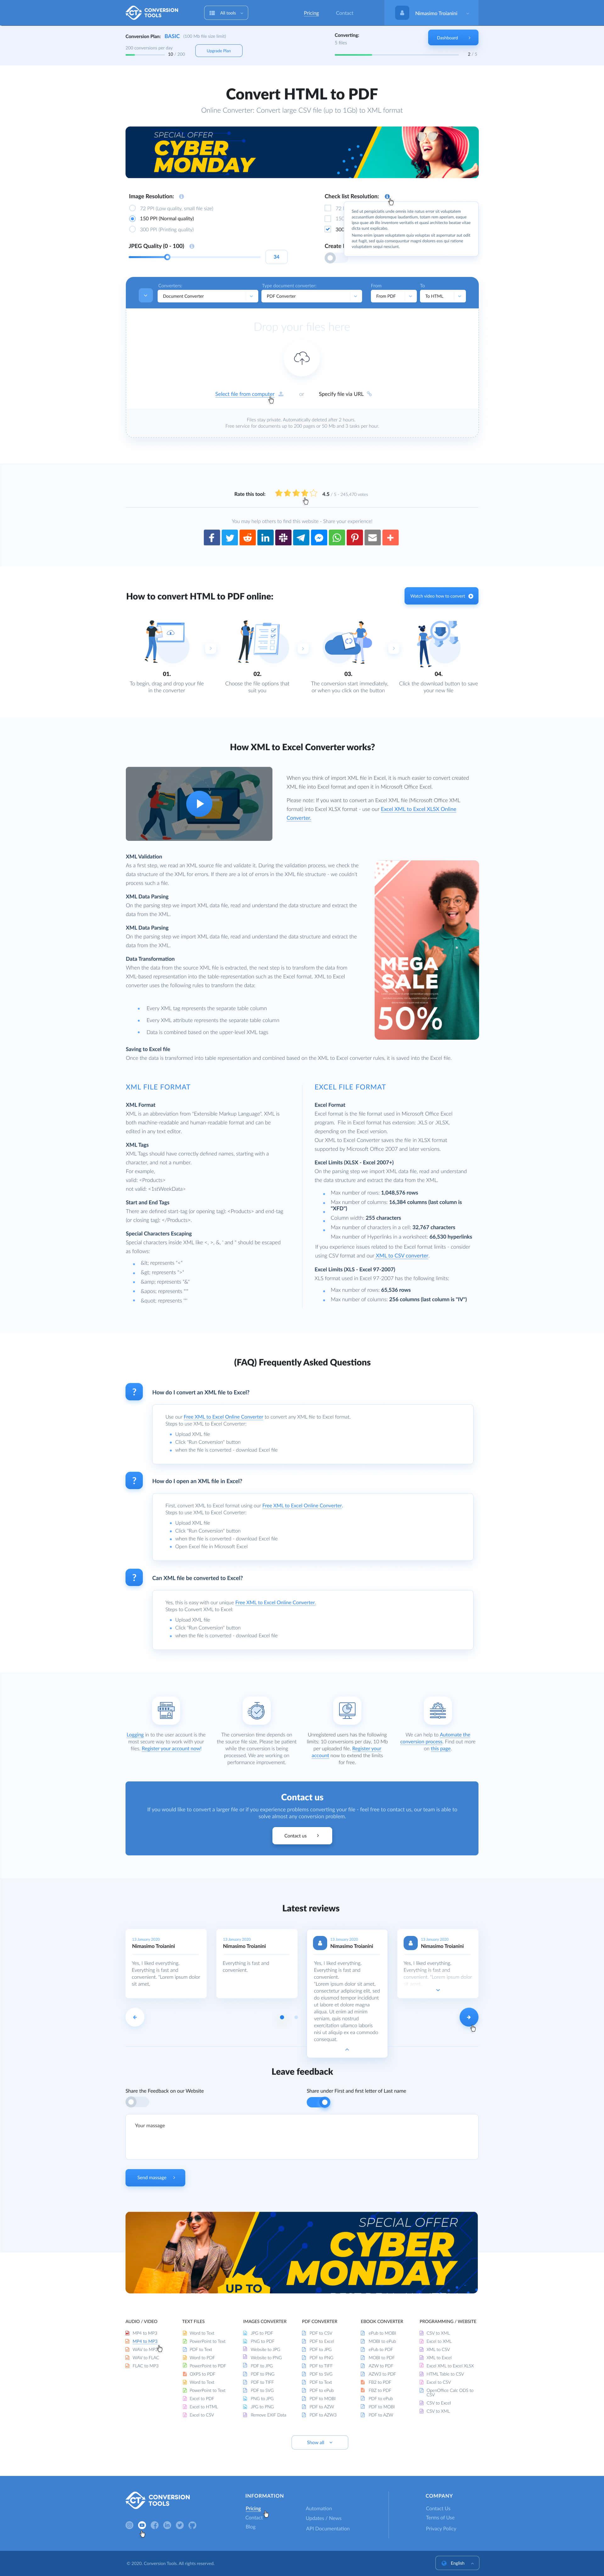 01_Сonversiontools.io_Design_FileConverter_Advertising_1.2